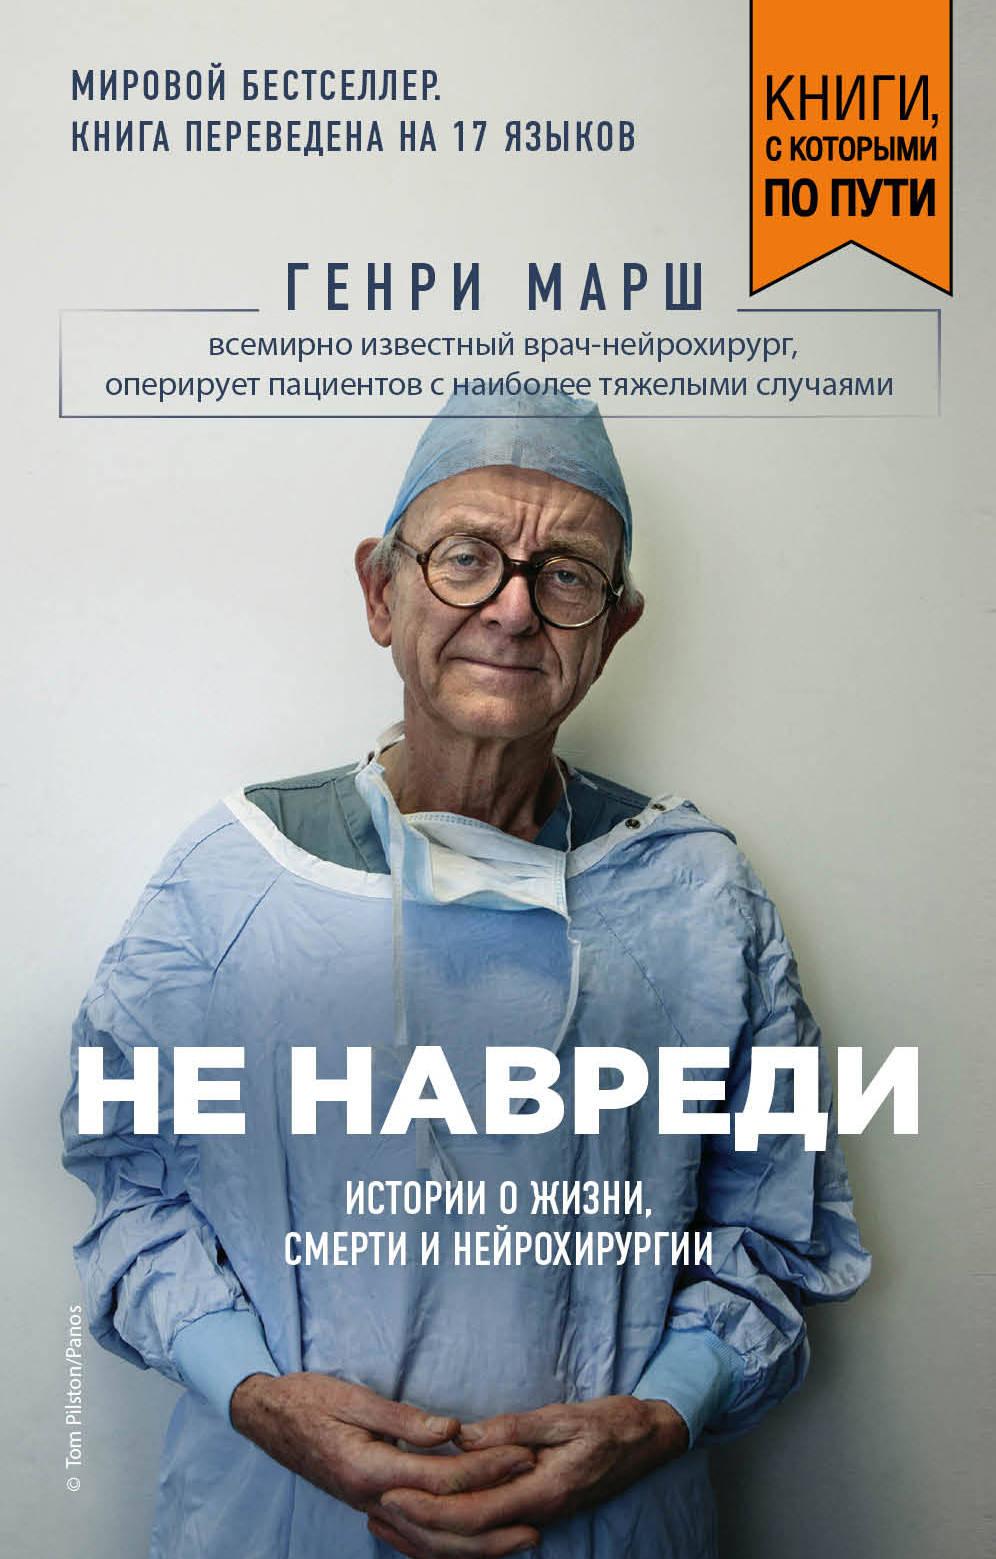 Отзывы о книге Не навреди. Истории о жизни, смерти и нейрохирургии